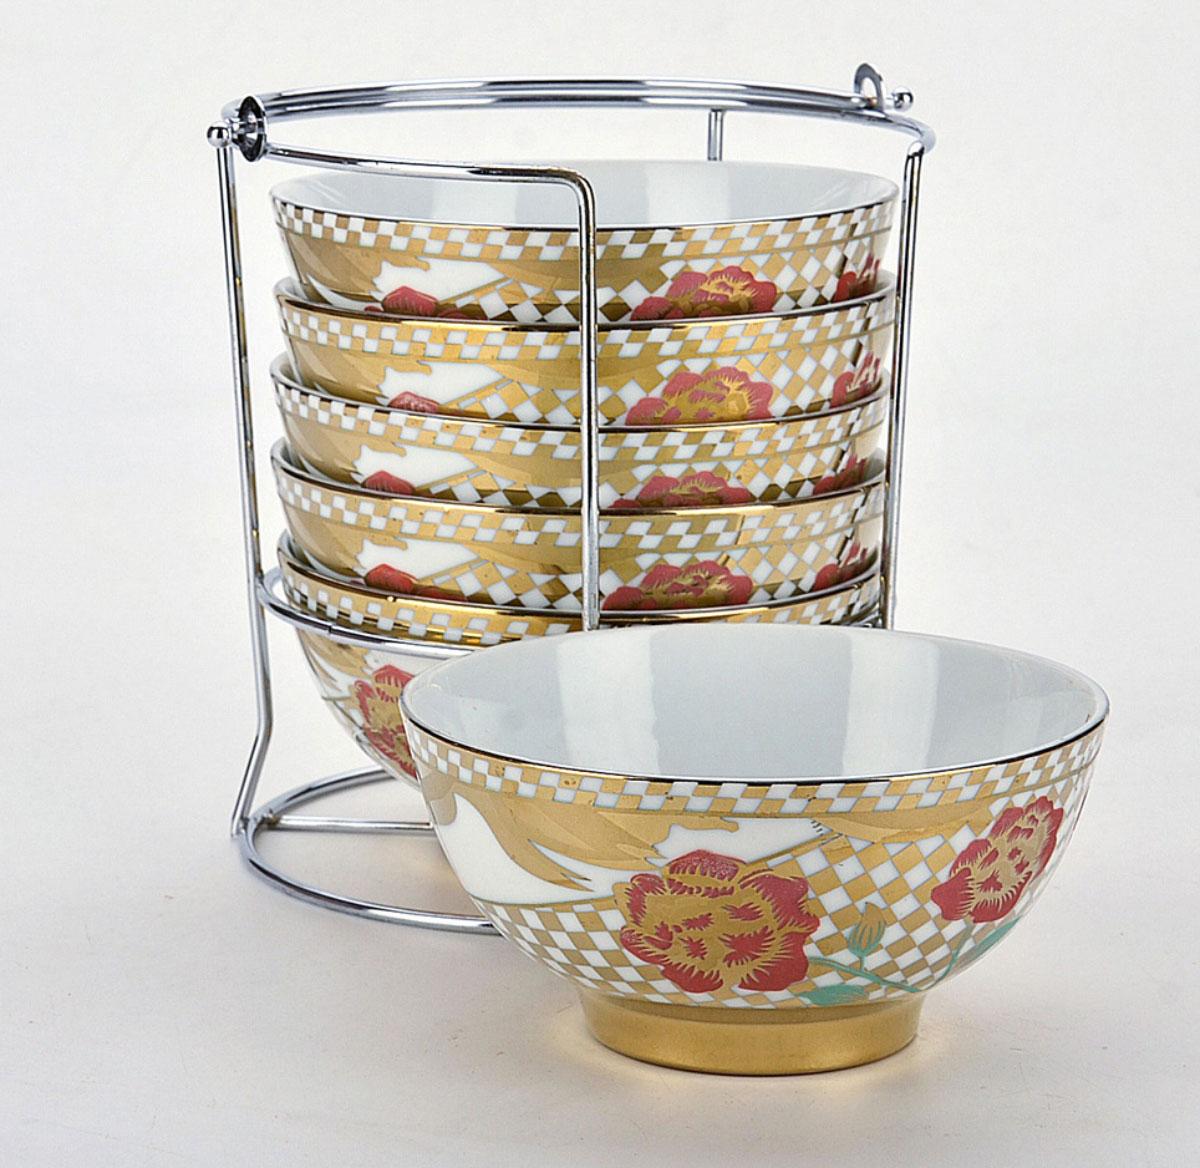 Набор салатников Loraine, с подставкой, 325 мл, 7 предметовG5231Набор состоит из шести салатников, изготовленных из керамики, с нежным цветочным рисунком, который придает посуде особый шарм. Также в наборе идет подставка под салатники из нержавеющей стали. Диаметр салатника: 12,5 см. Высота салатника: 7 см. Объем салатника: 325 мл.